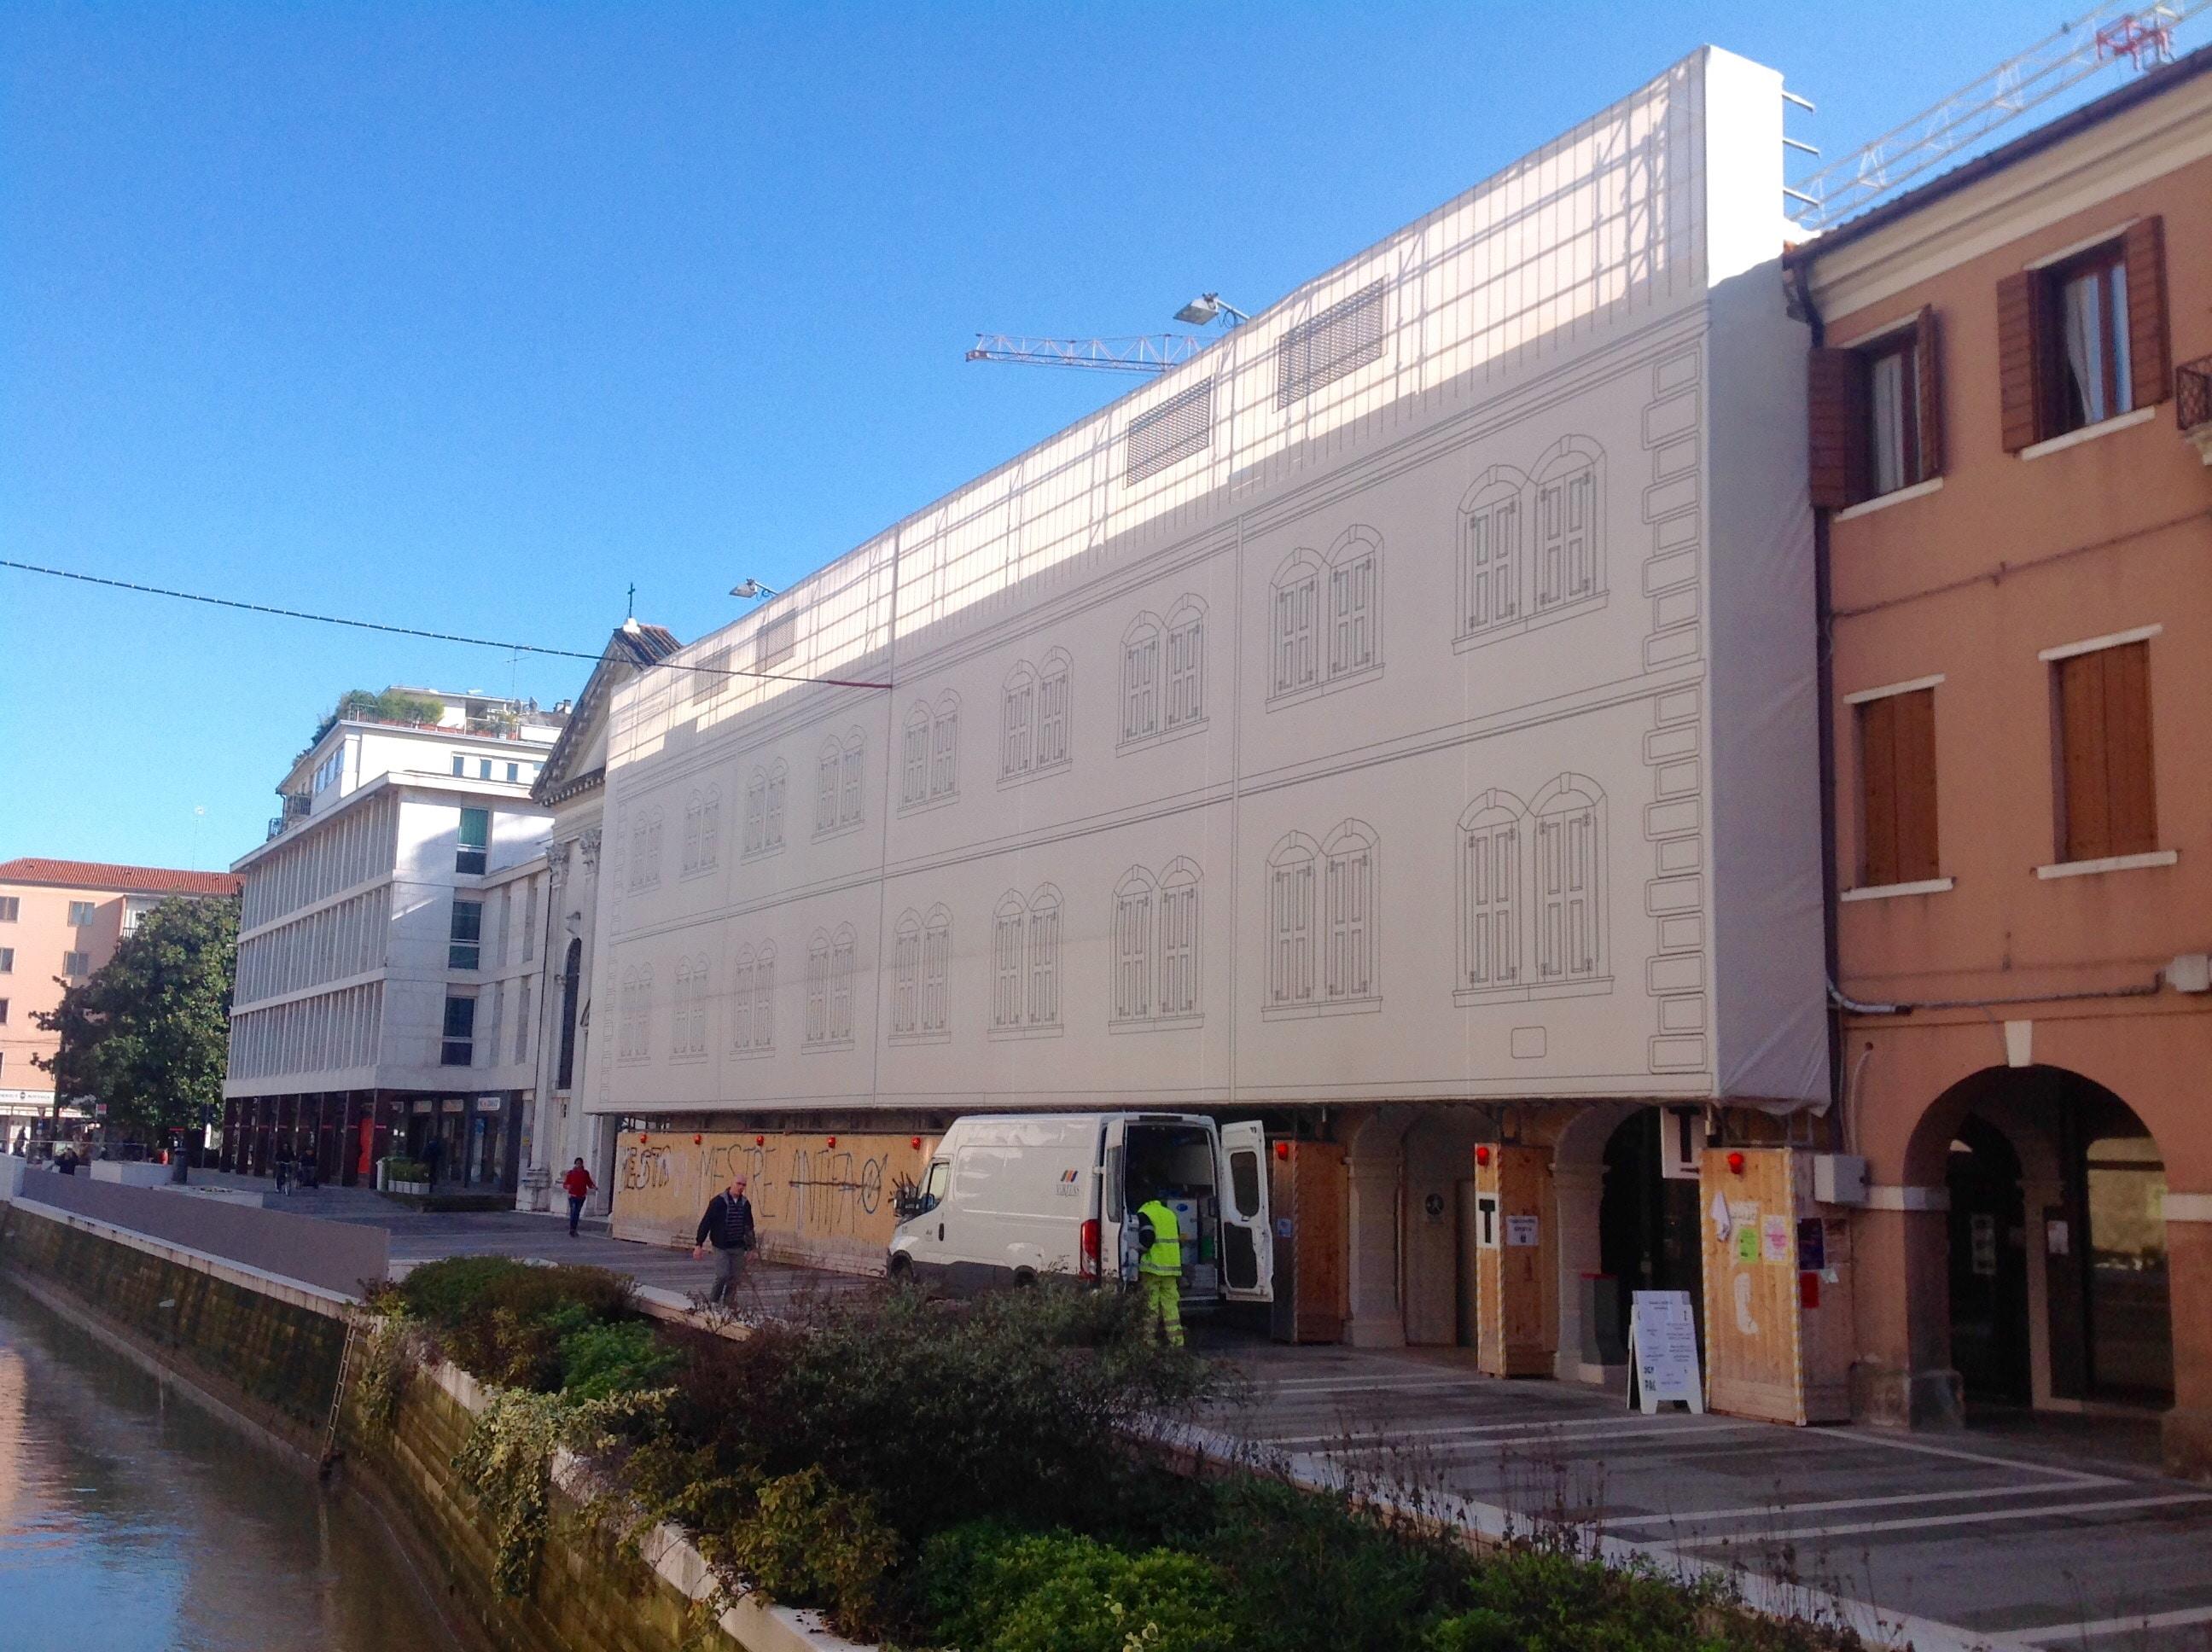 Il progetto M9 a Mestre